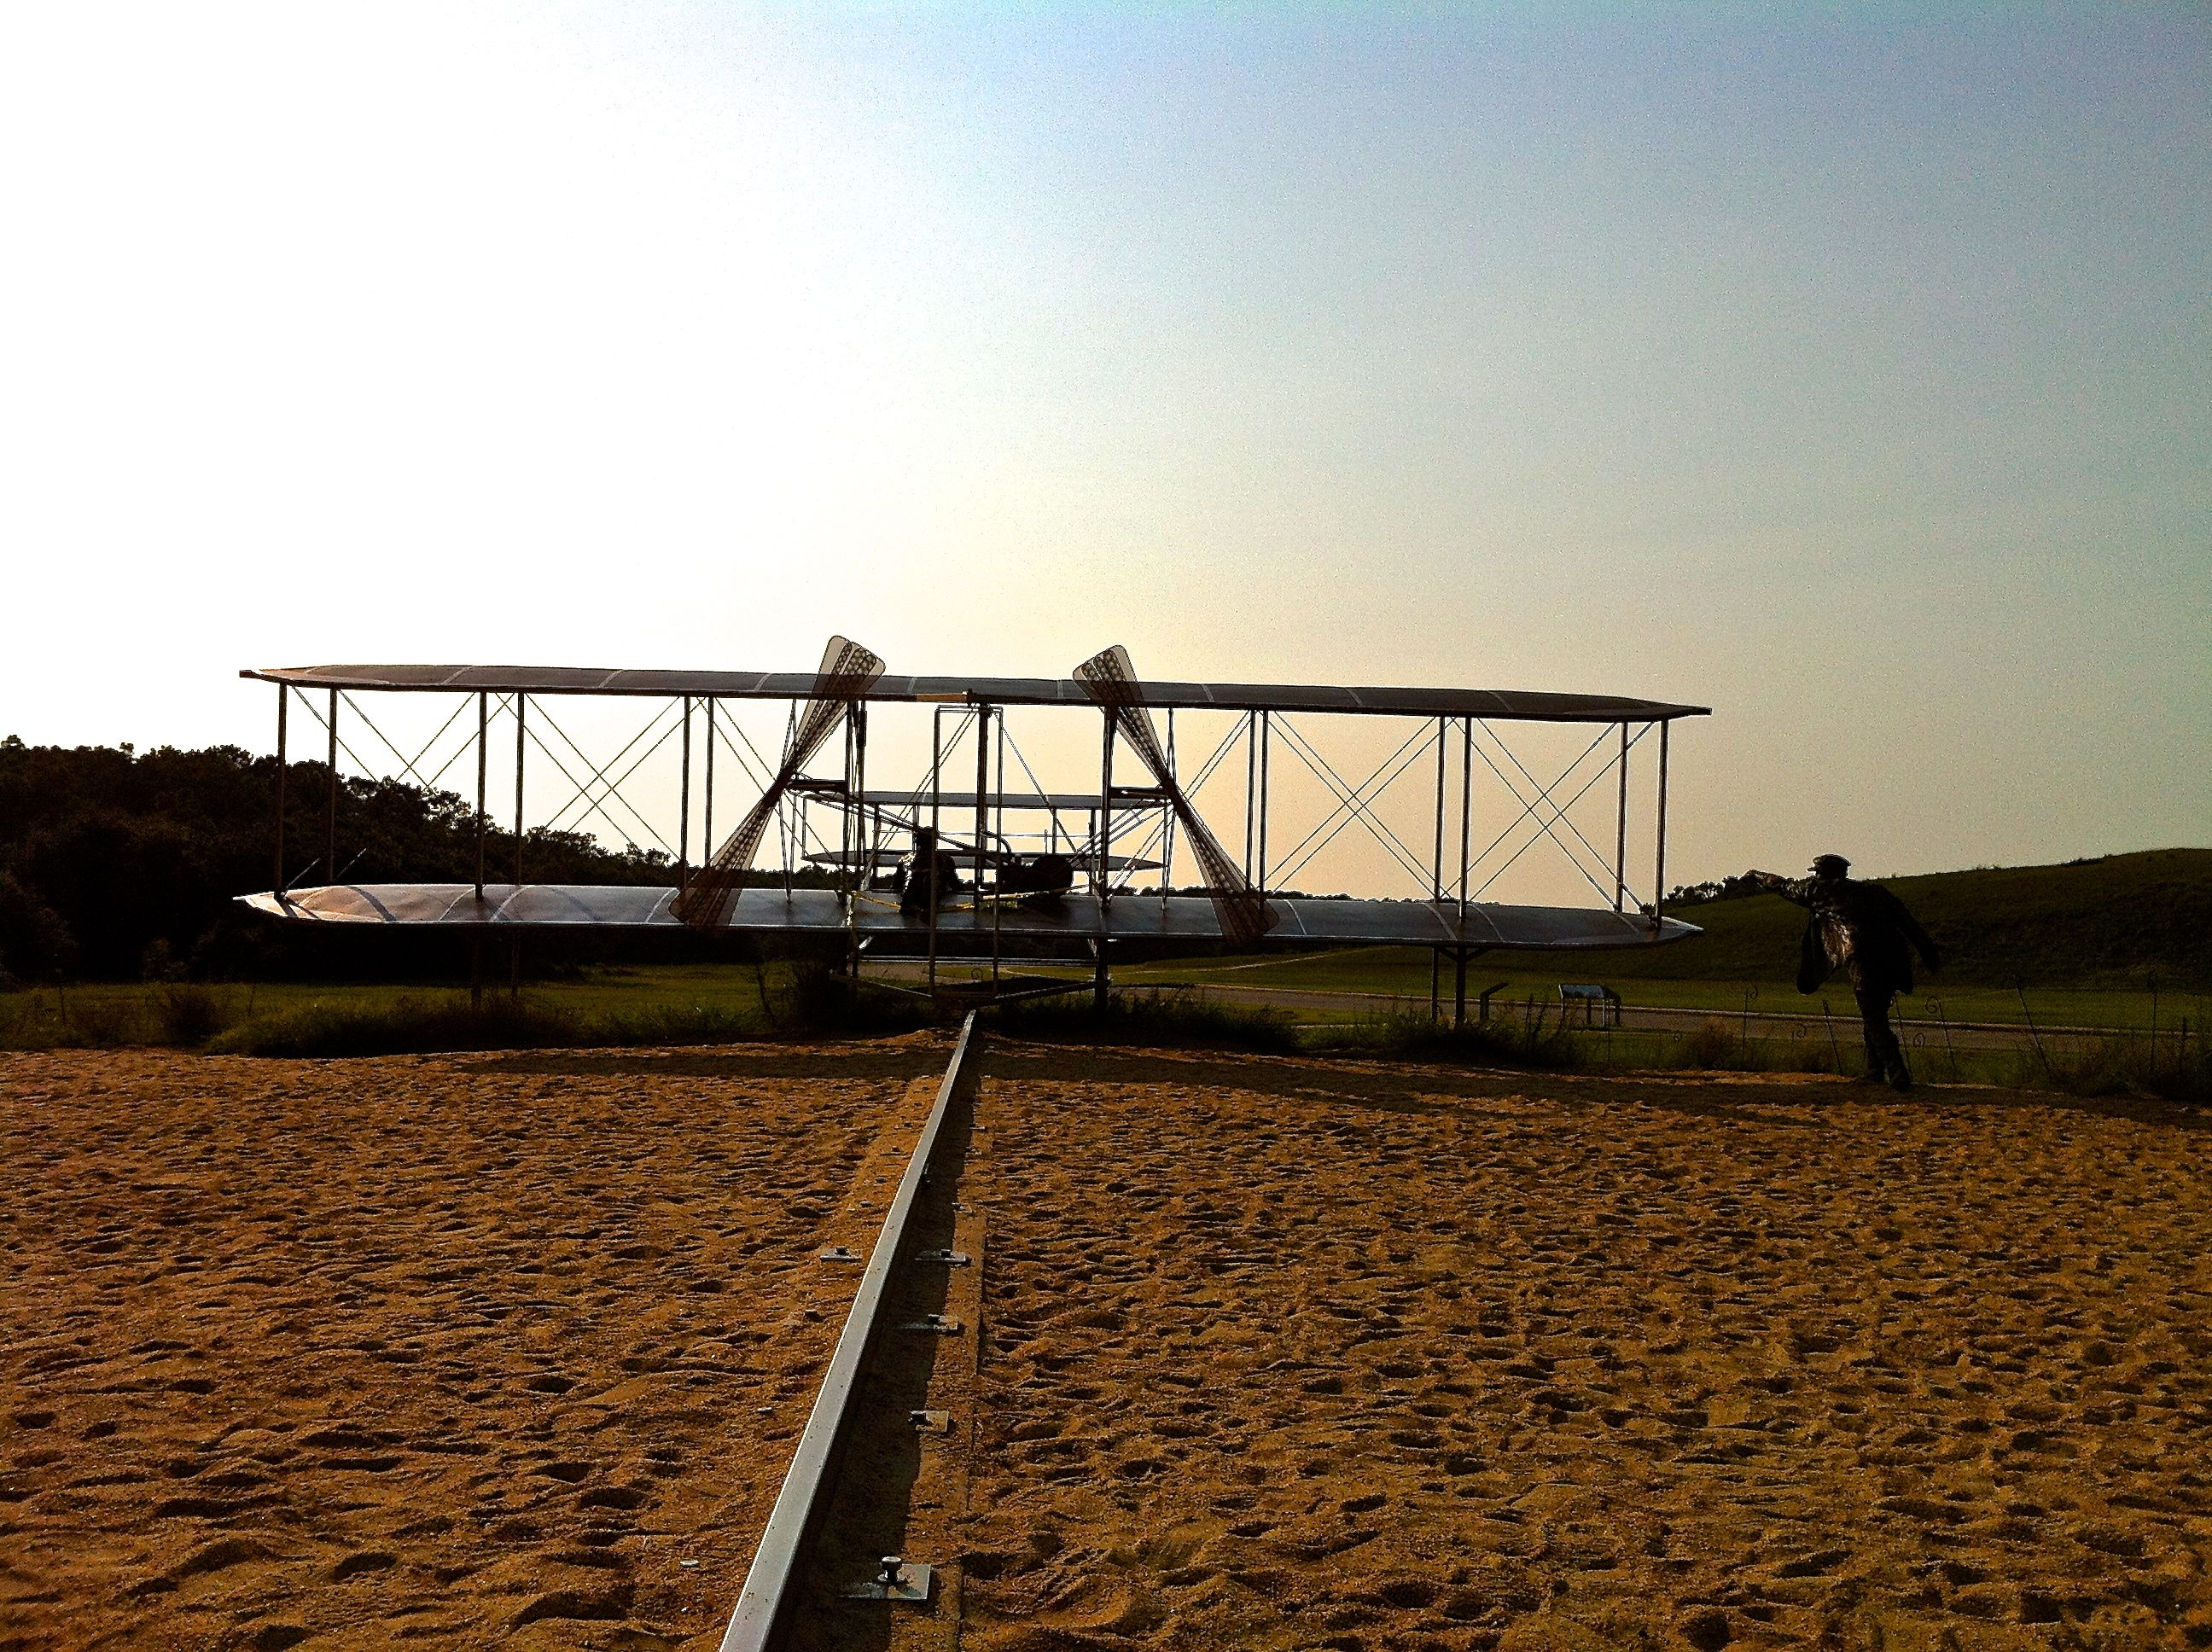 virginia beach memorial day weekend 2013